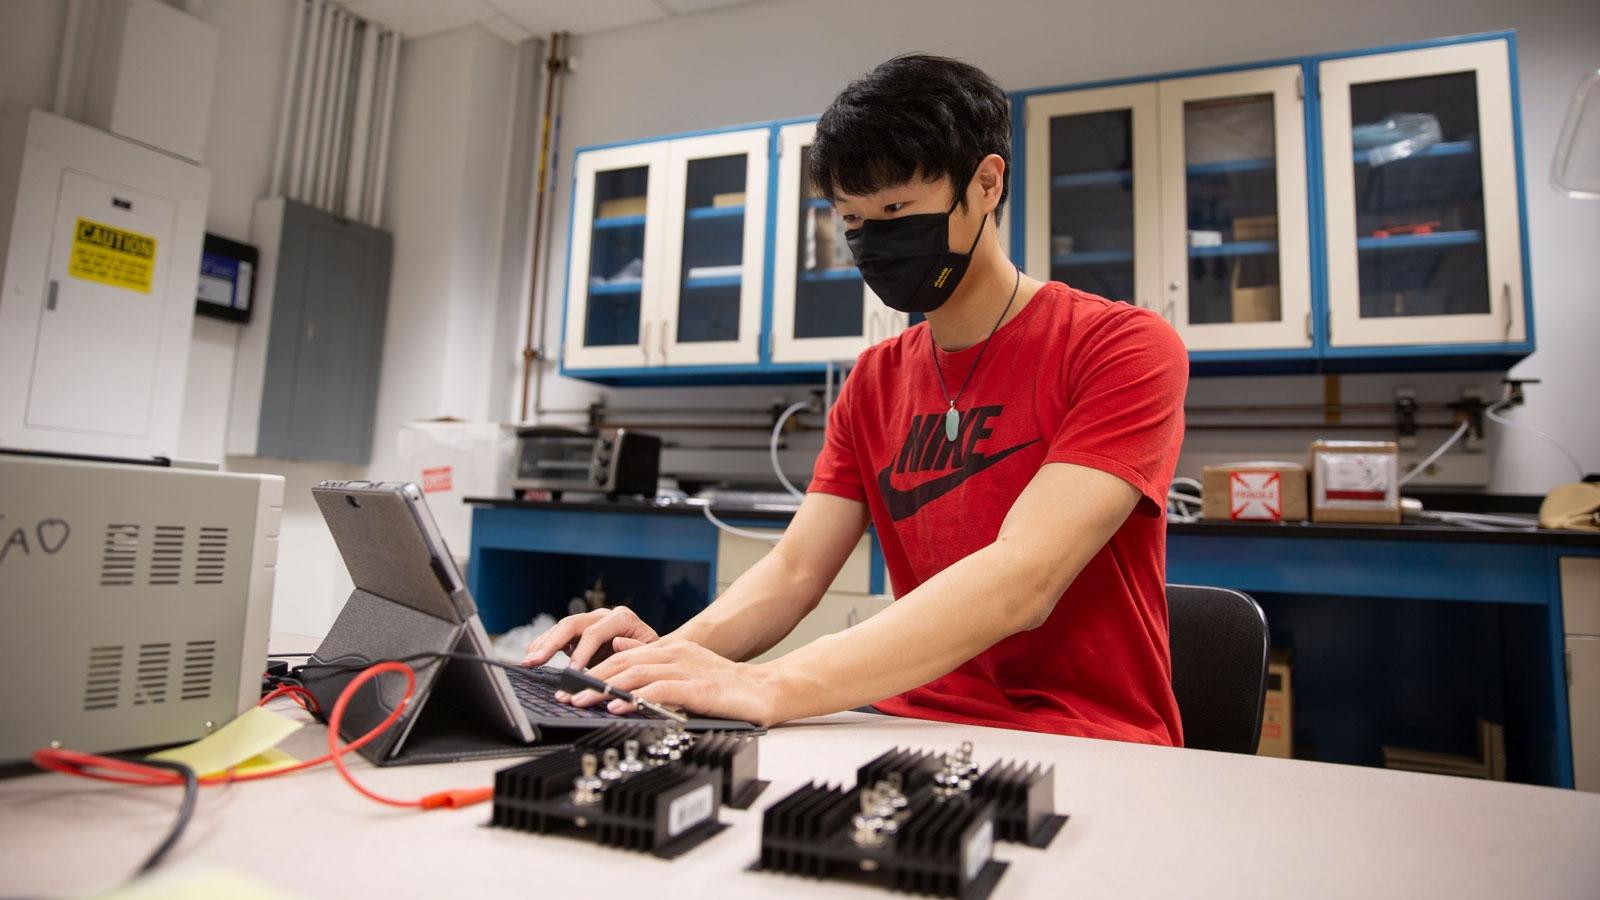 Kelvin Tan works in the lab